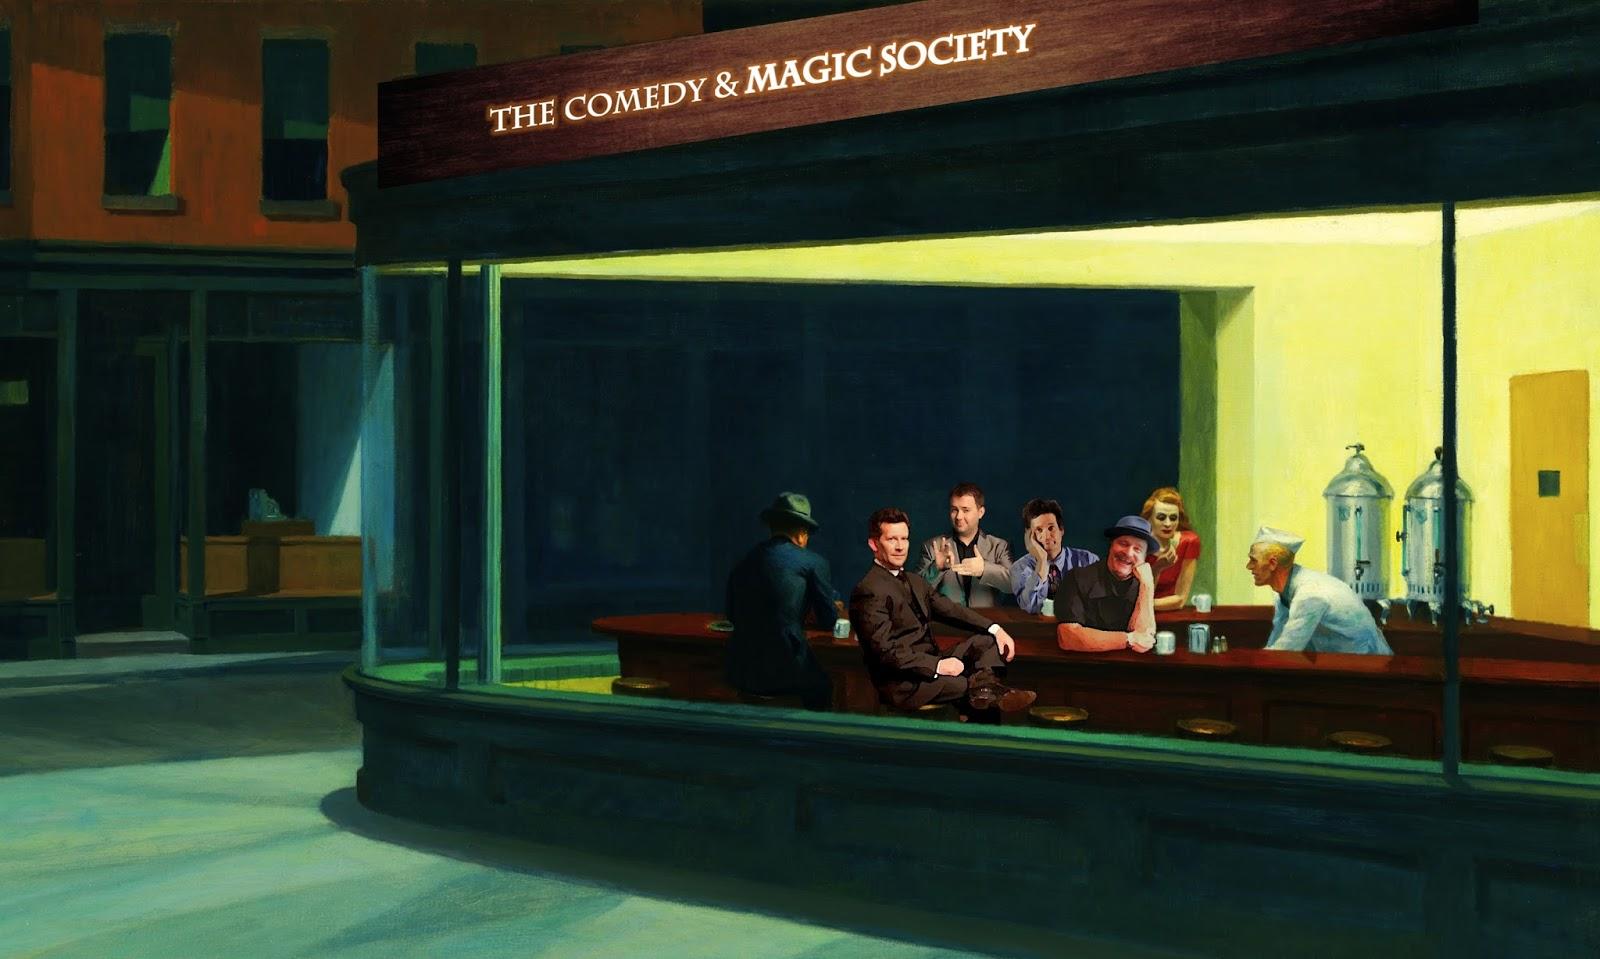 comedy-magic-society